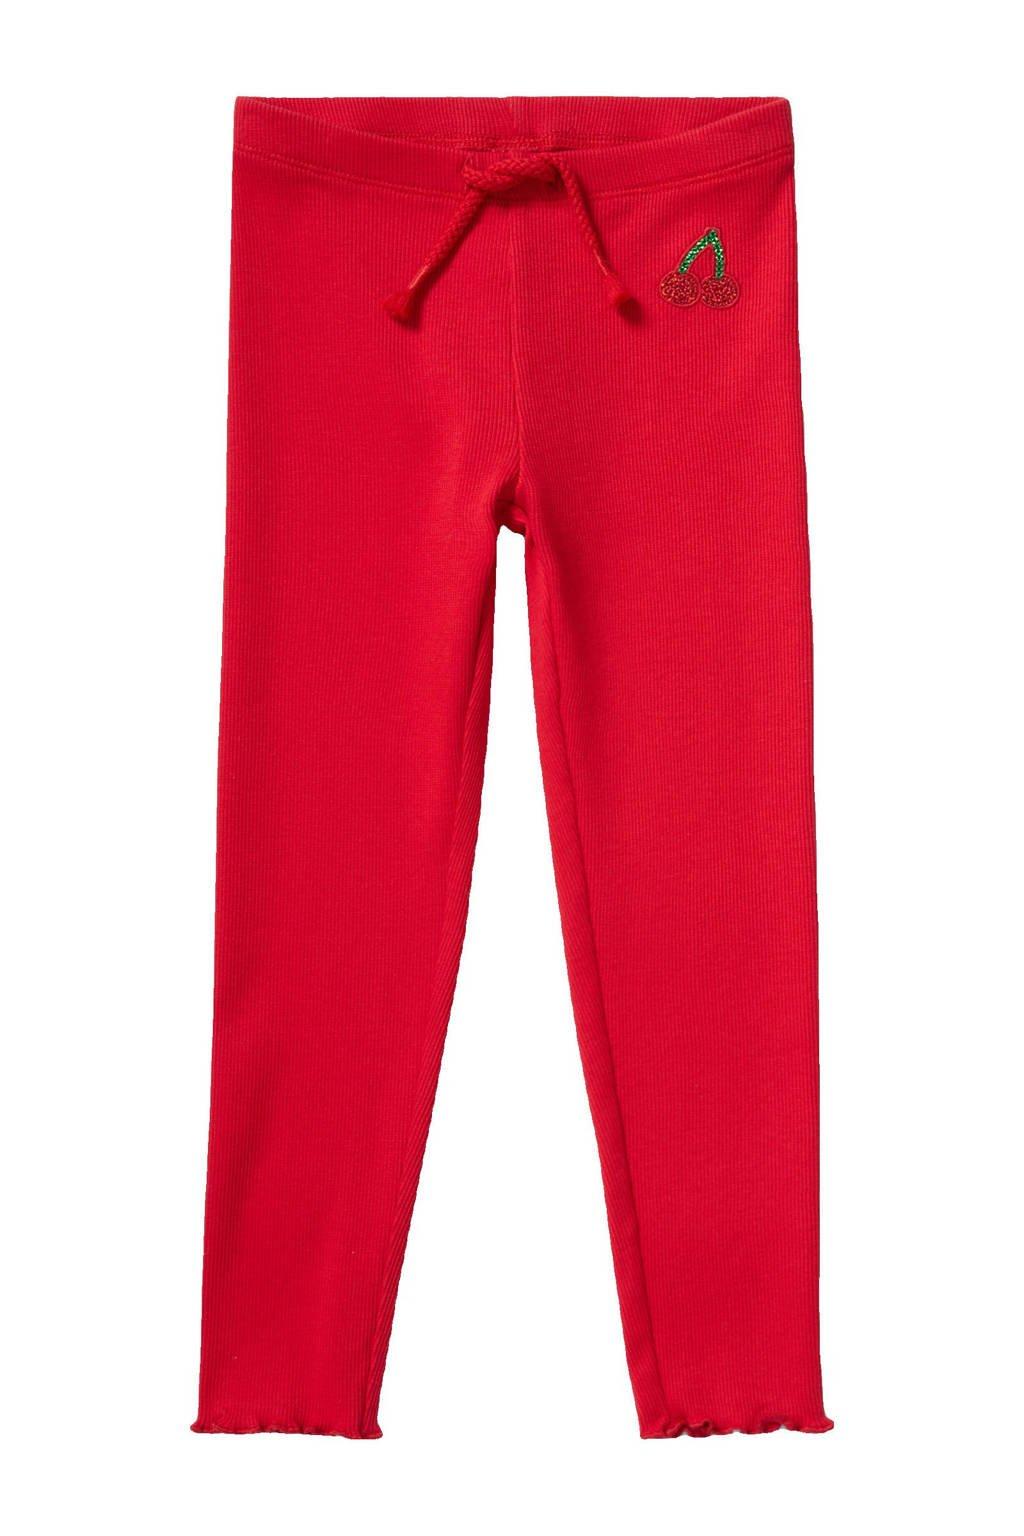 C&A Palomino slim fit broek met biologisch katoen rood, Rood